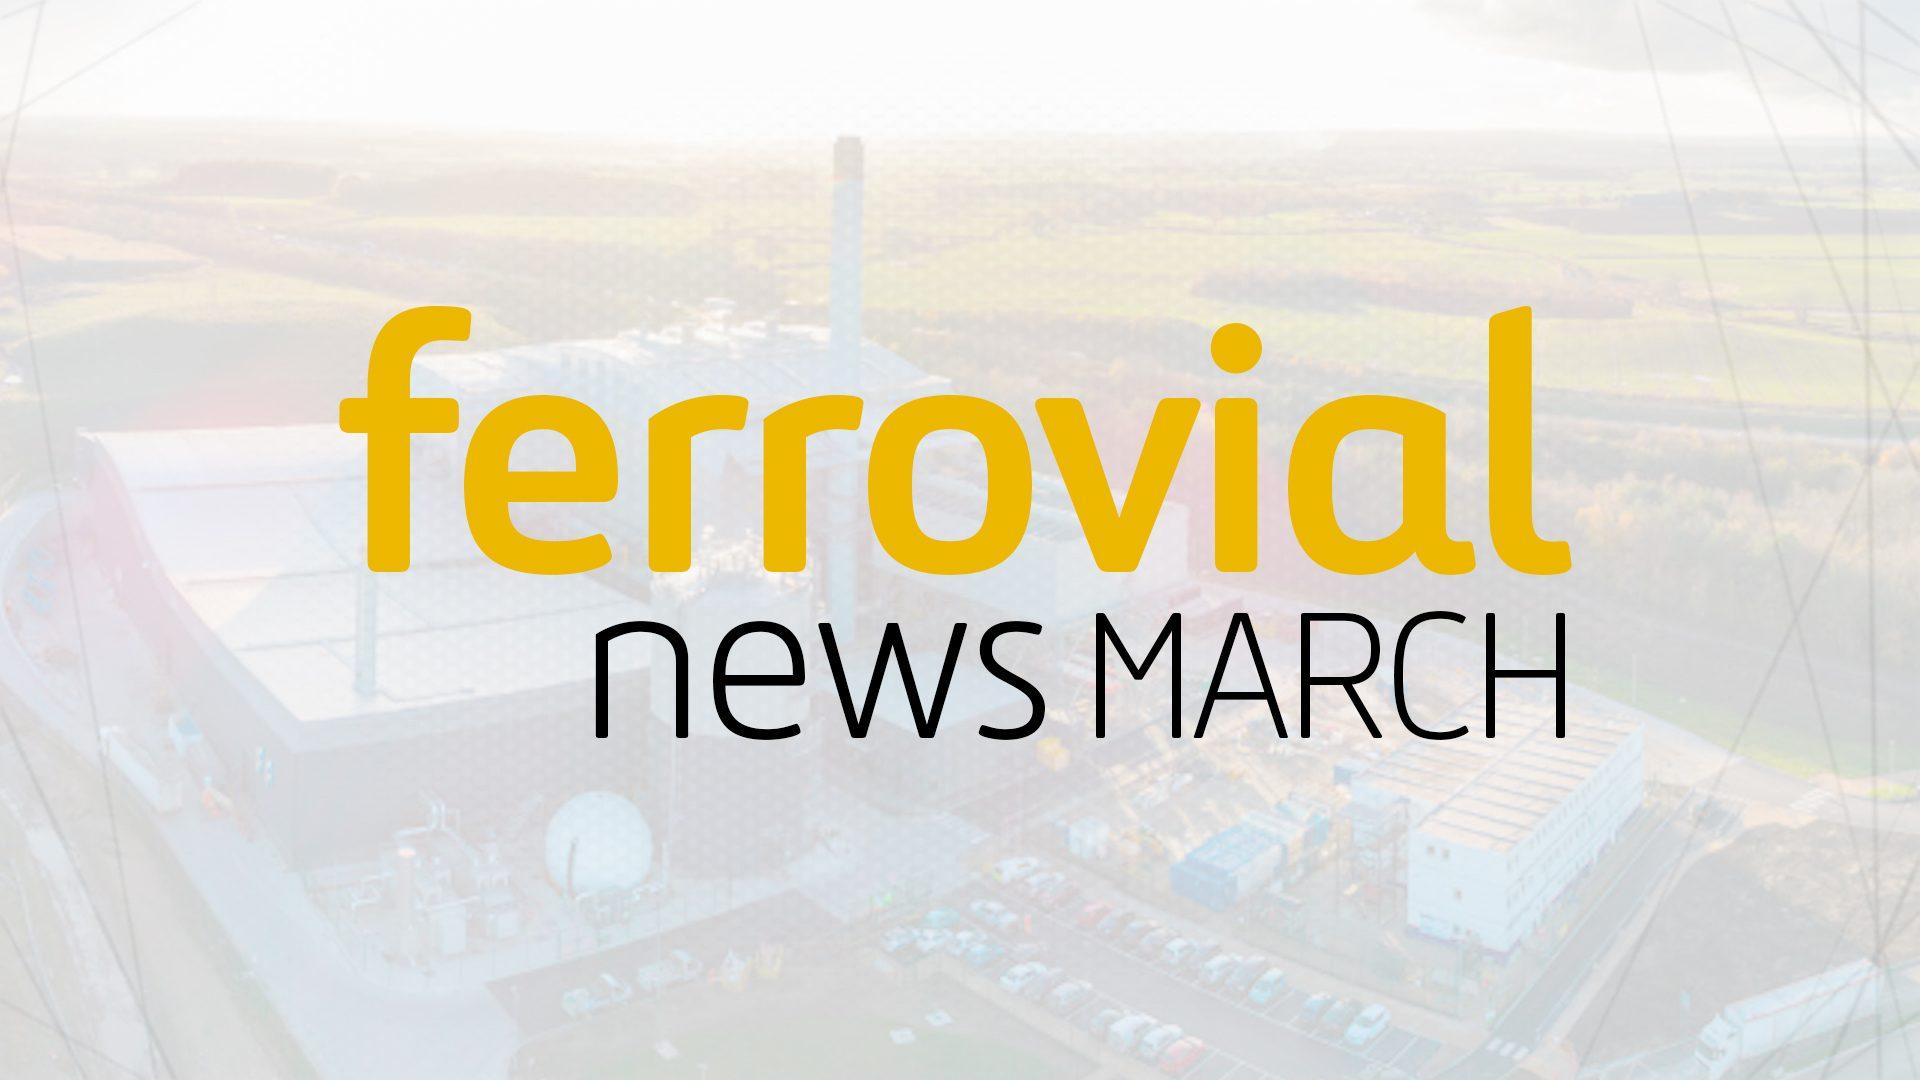 Las noticias más destacadas de Ferrovial marzo 2018